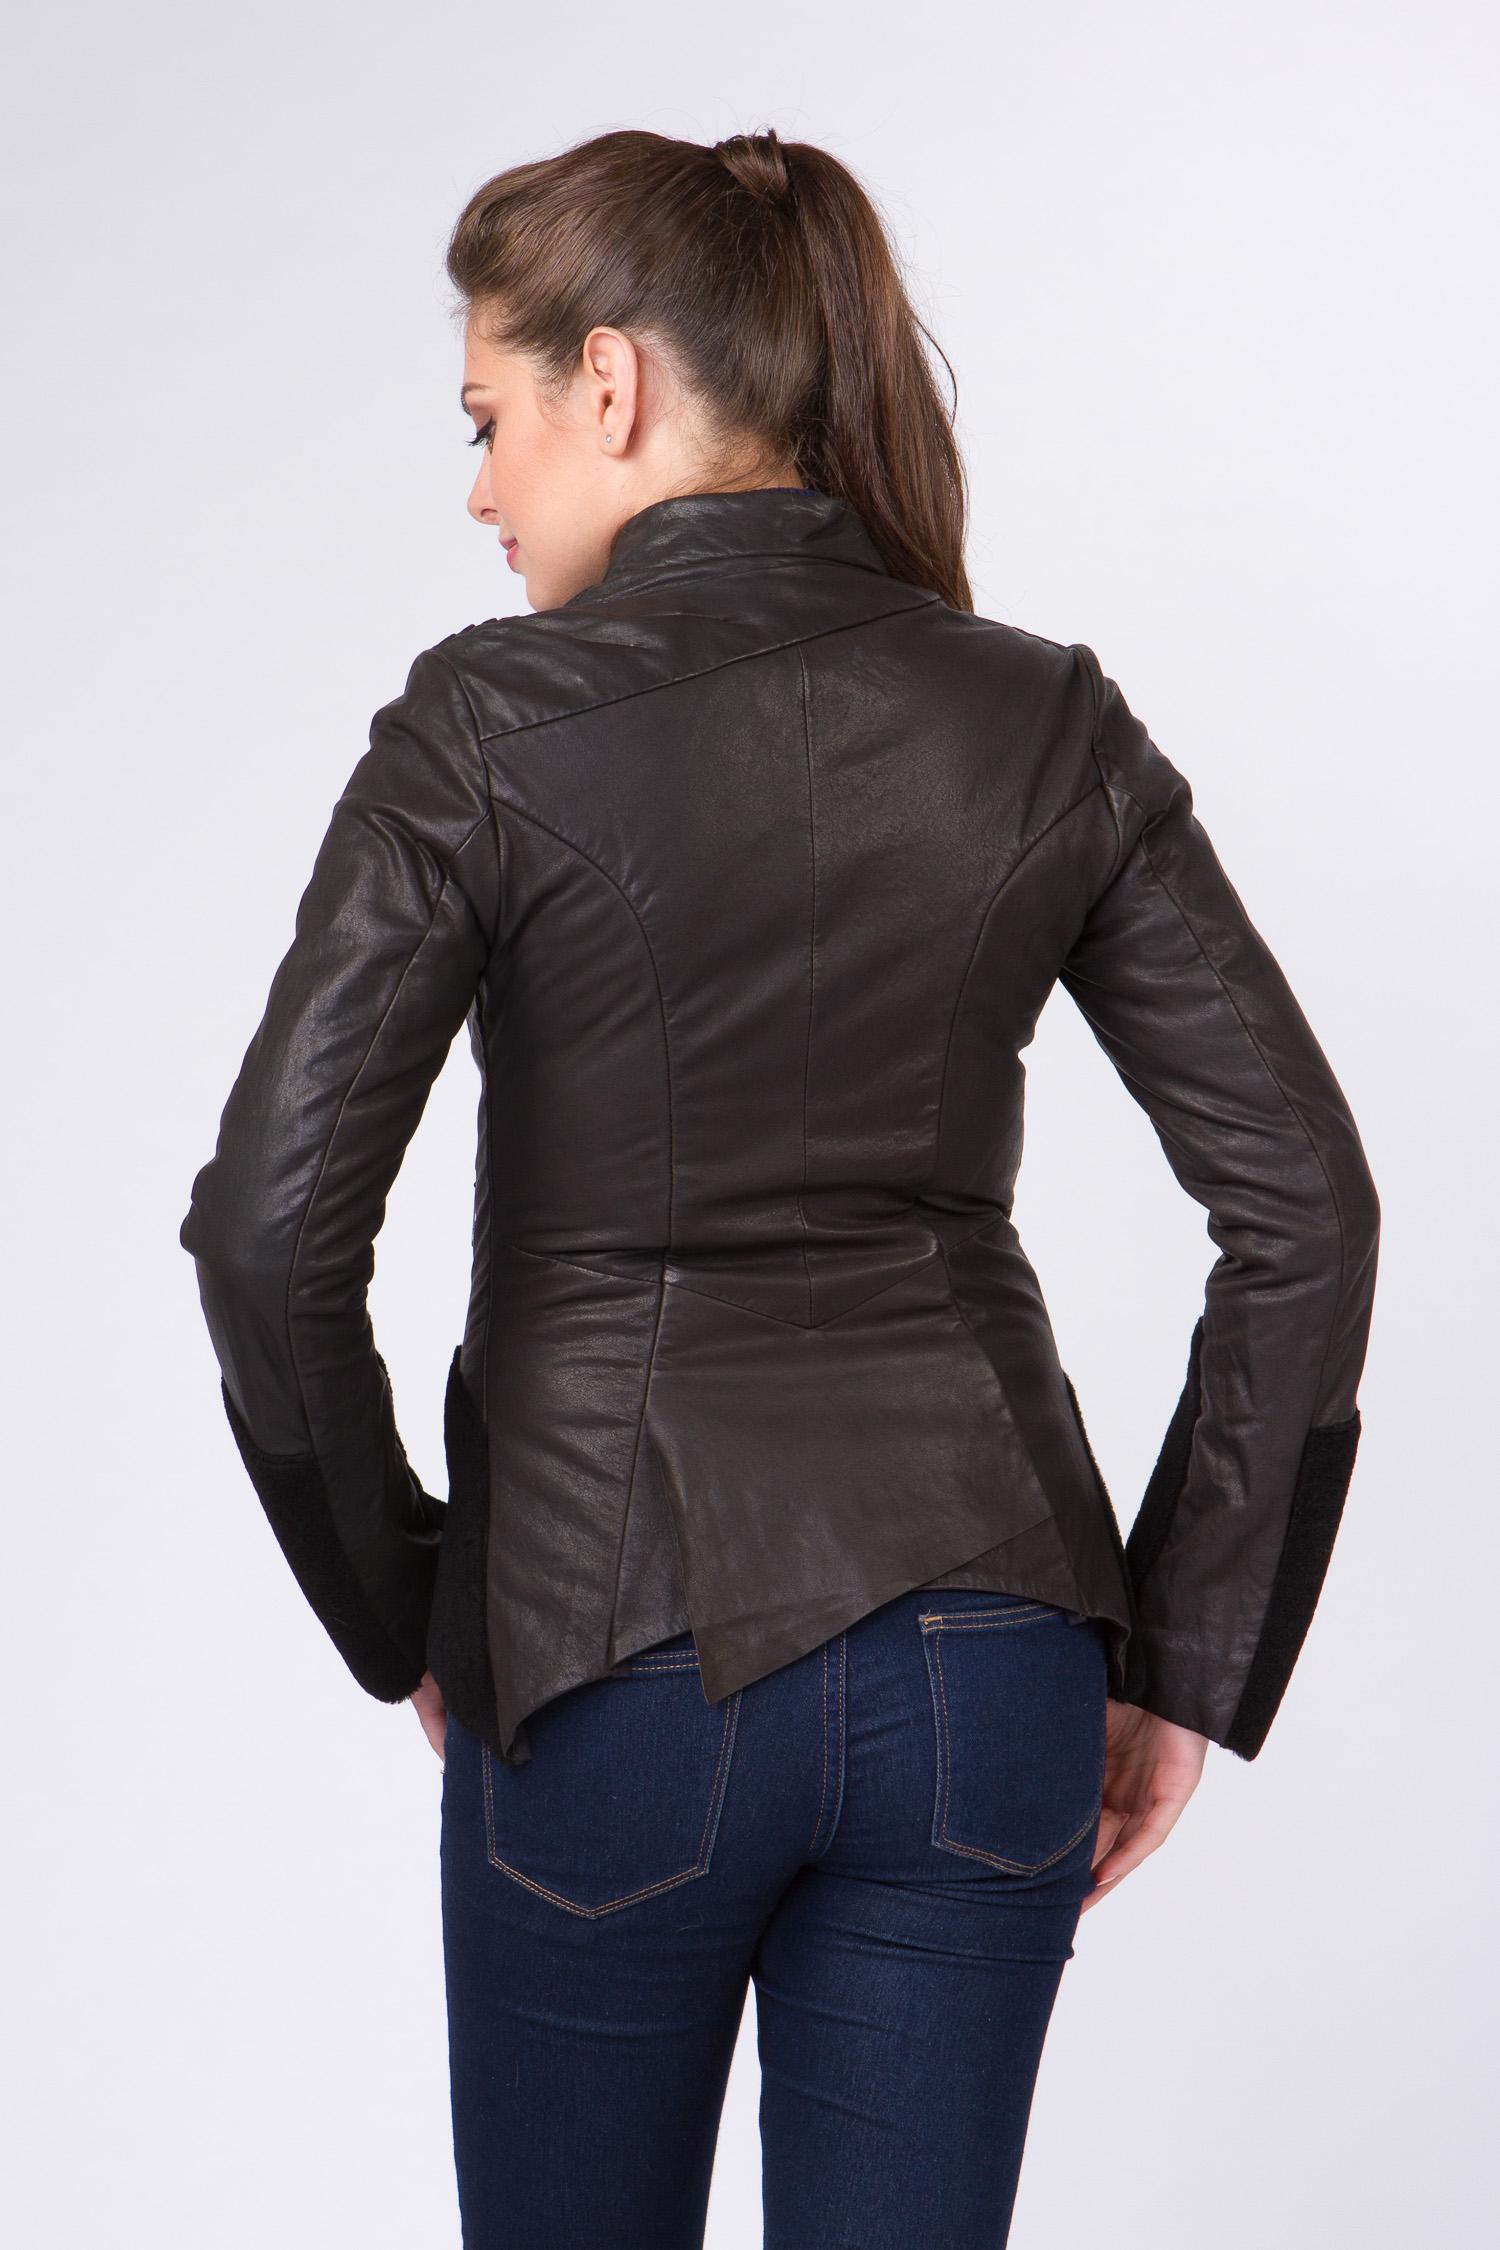 Женская кожаная куртка из натуральной кожи с воротником, отделка овчина